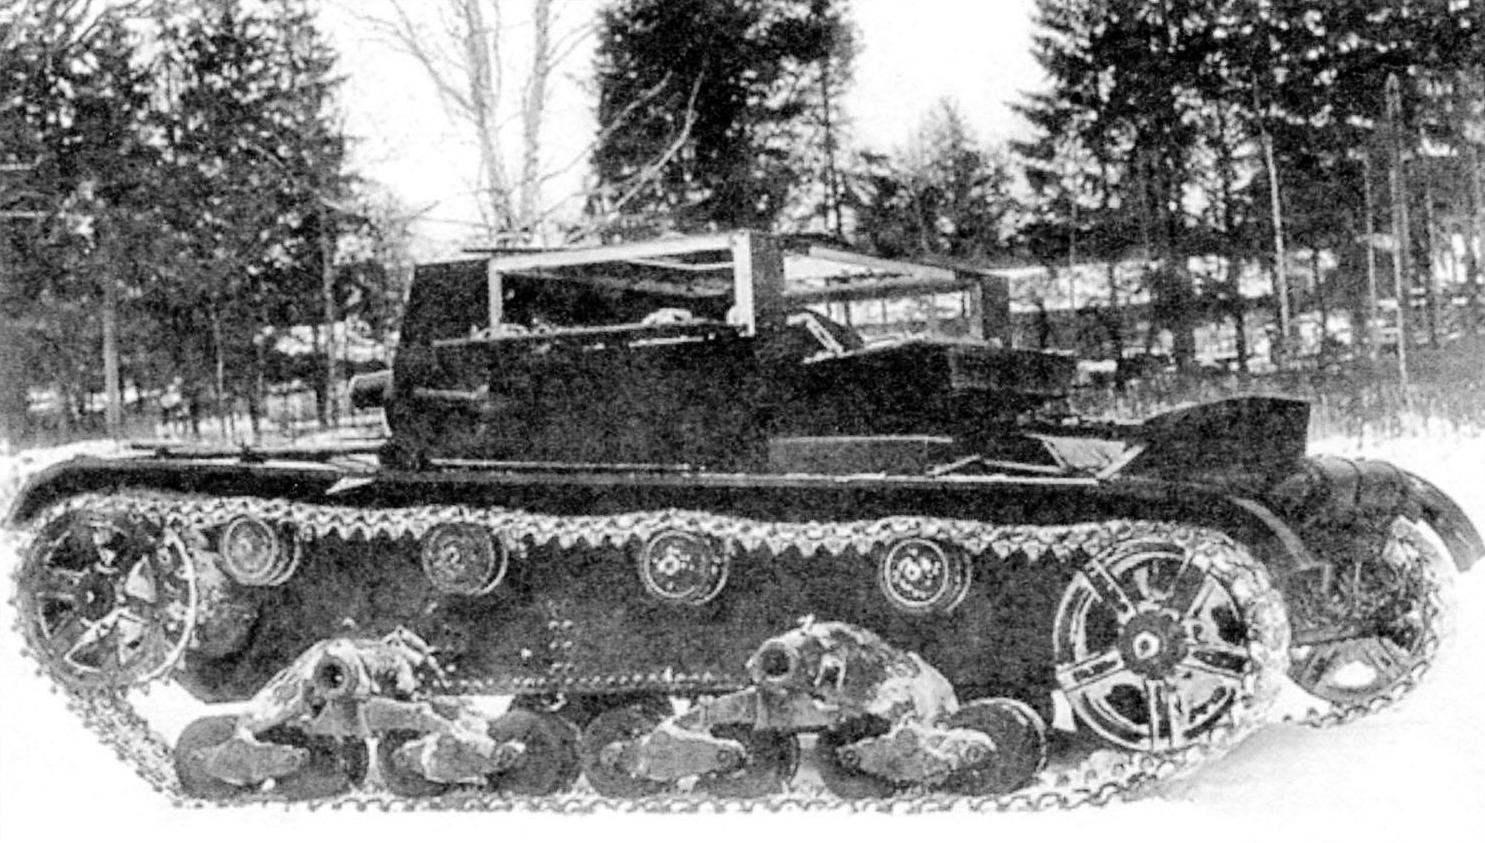 АТ-1 представлял собой безбашенную машину с рубкой прямоугольной формы. При ведении огня борта рубки могли частично откидываться